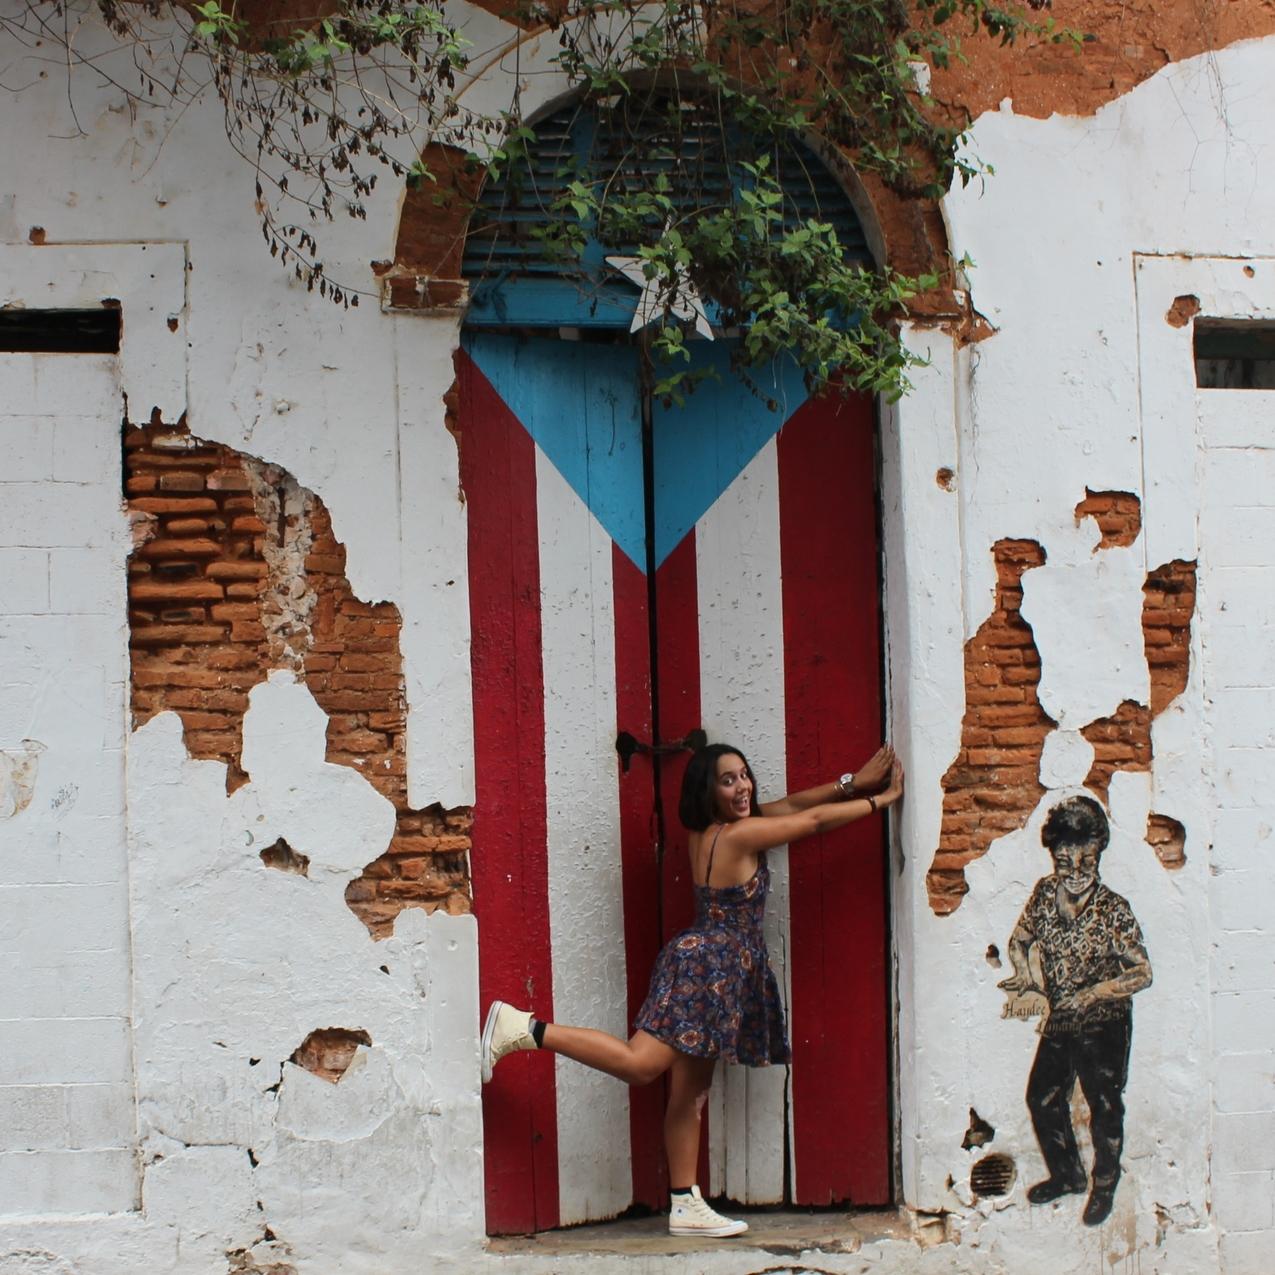 En la calle San José hay un edificio abandonado que lograron embellecer pintándole la bandera de Puerto Rico. Esta es una de las muchísimas puertas hermosas del Viejo San Juan. Foto: Alejandro Rodríguez Rojas